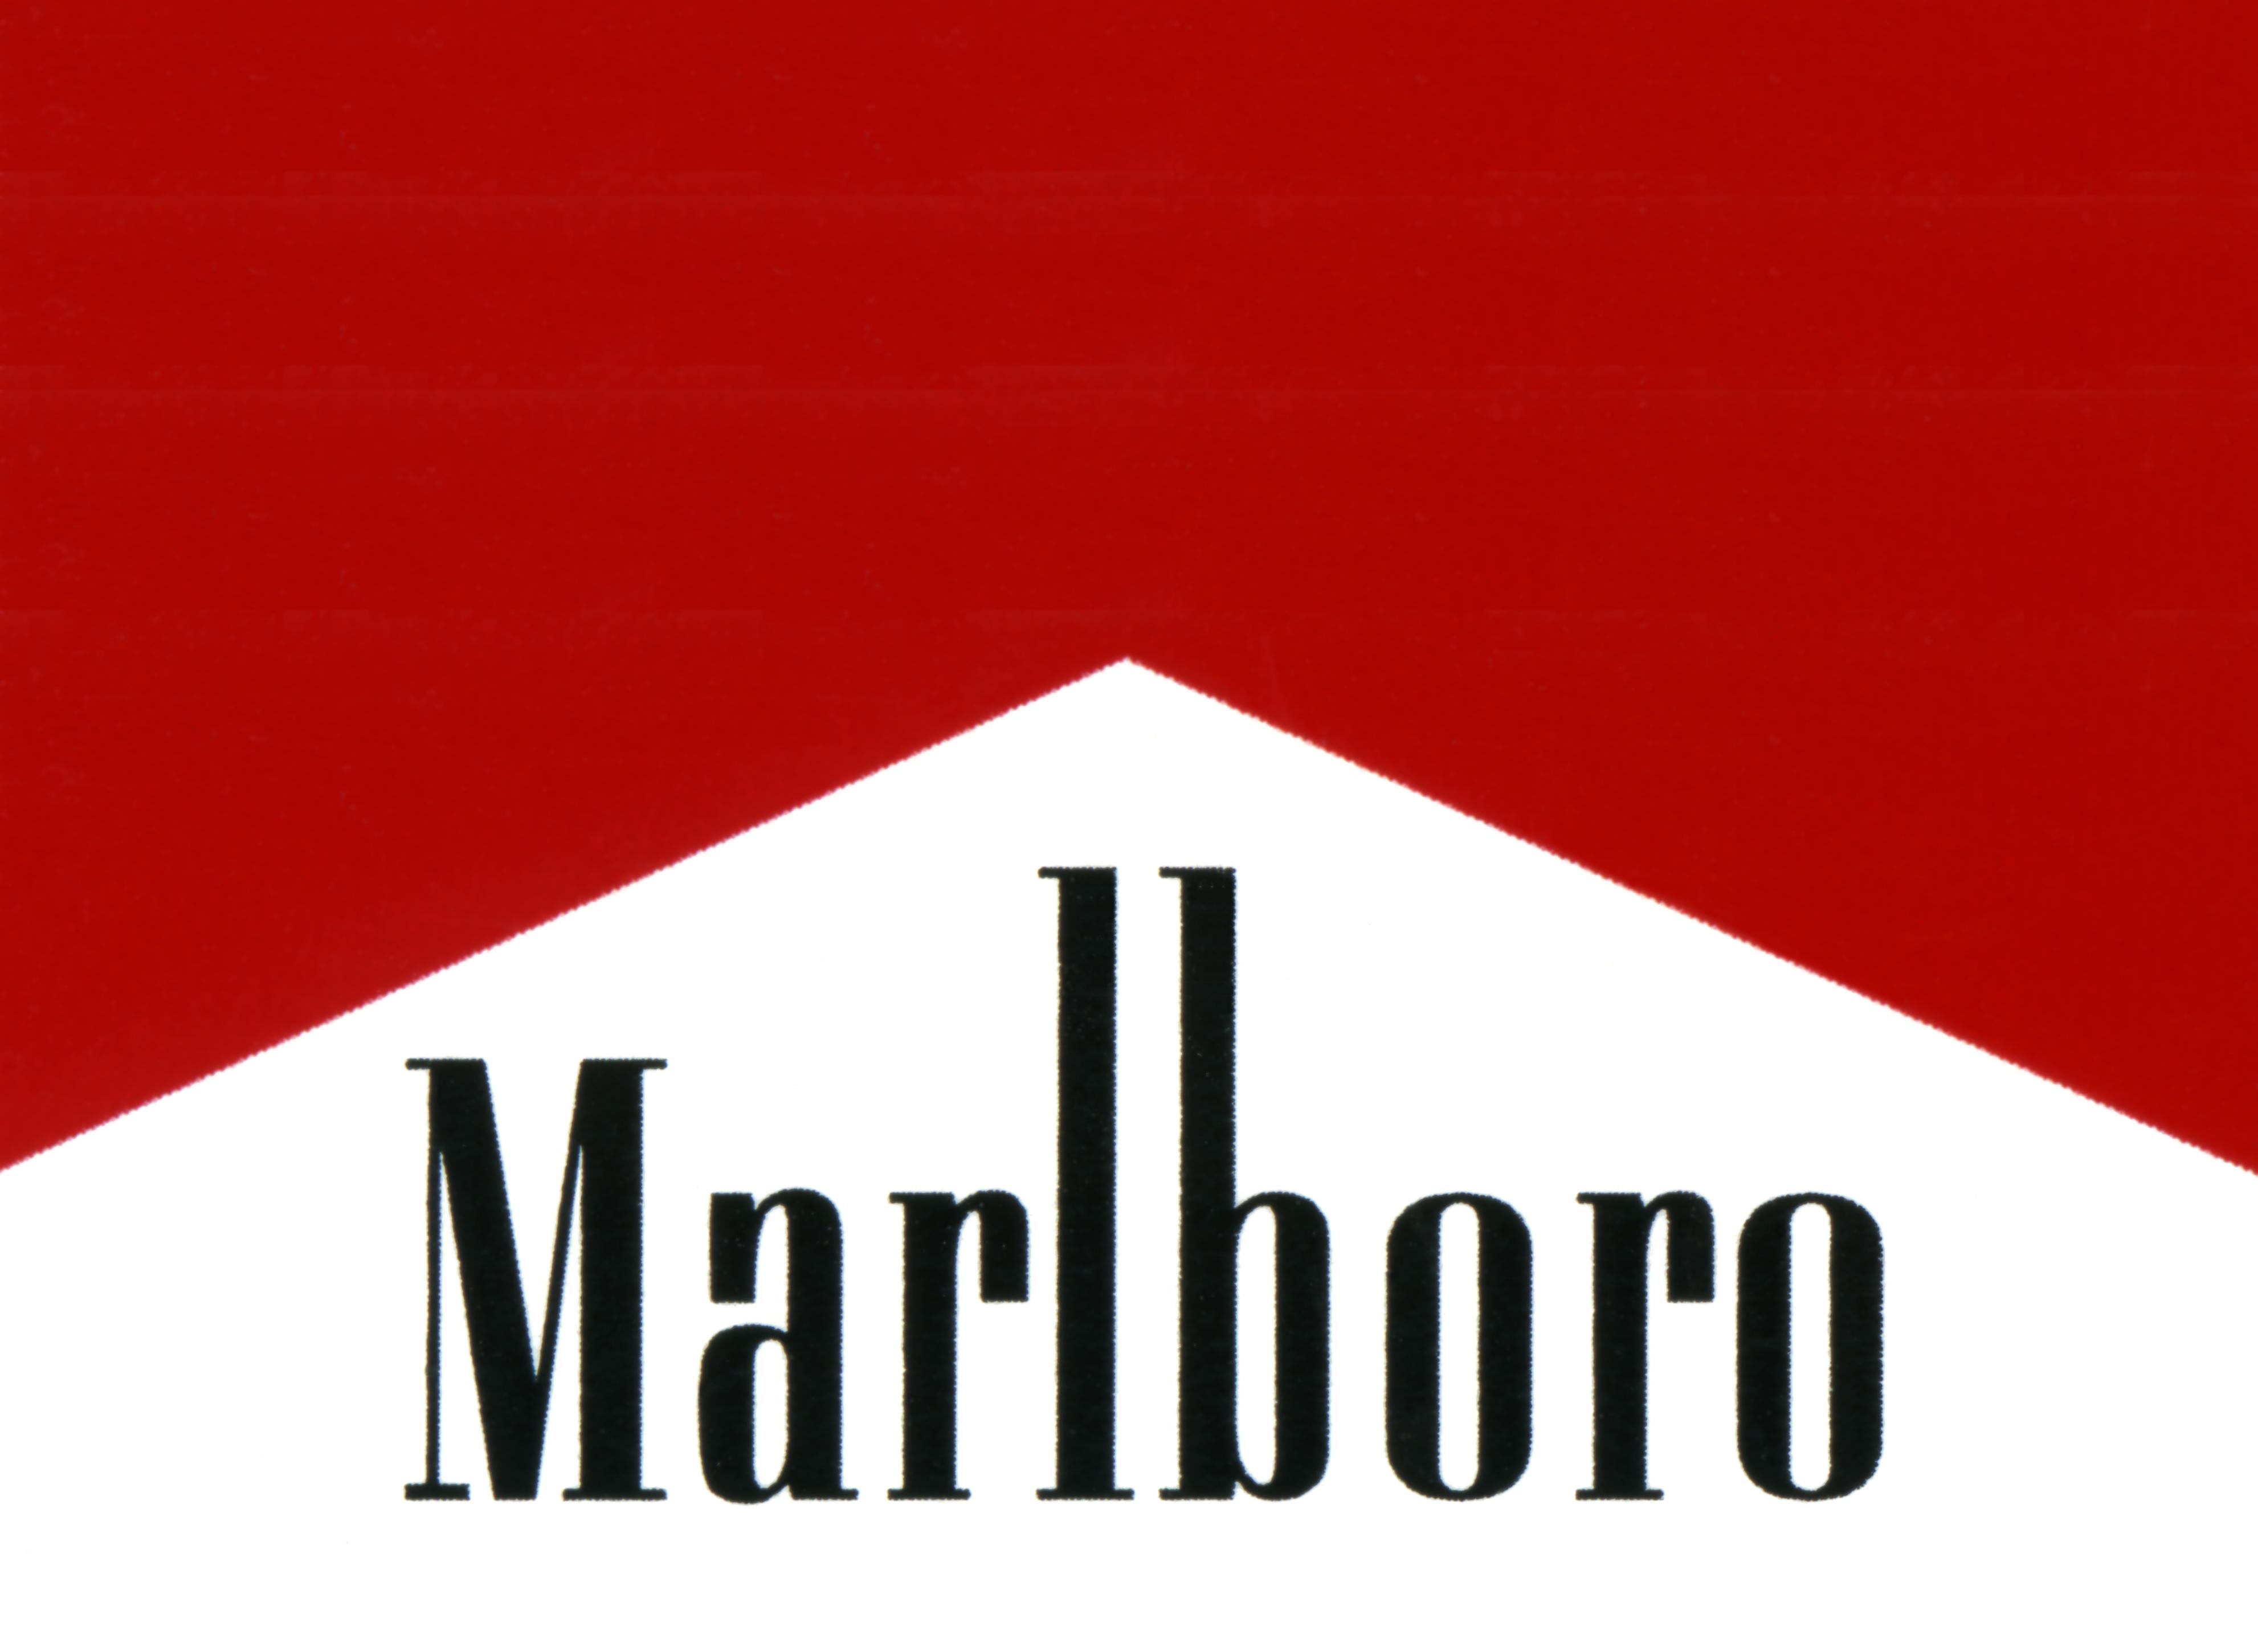 Marlboro Wallpaper 3963x2900